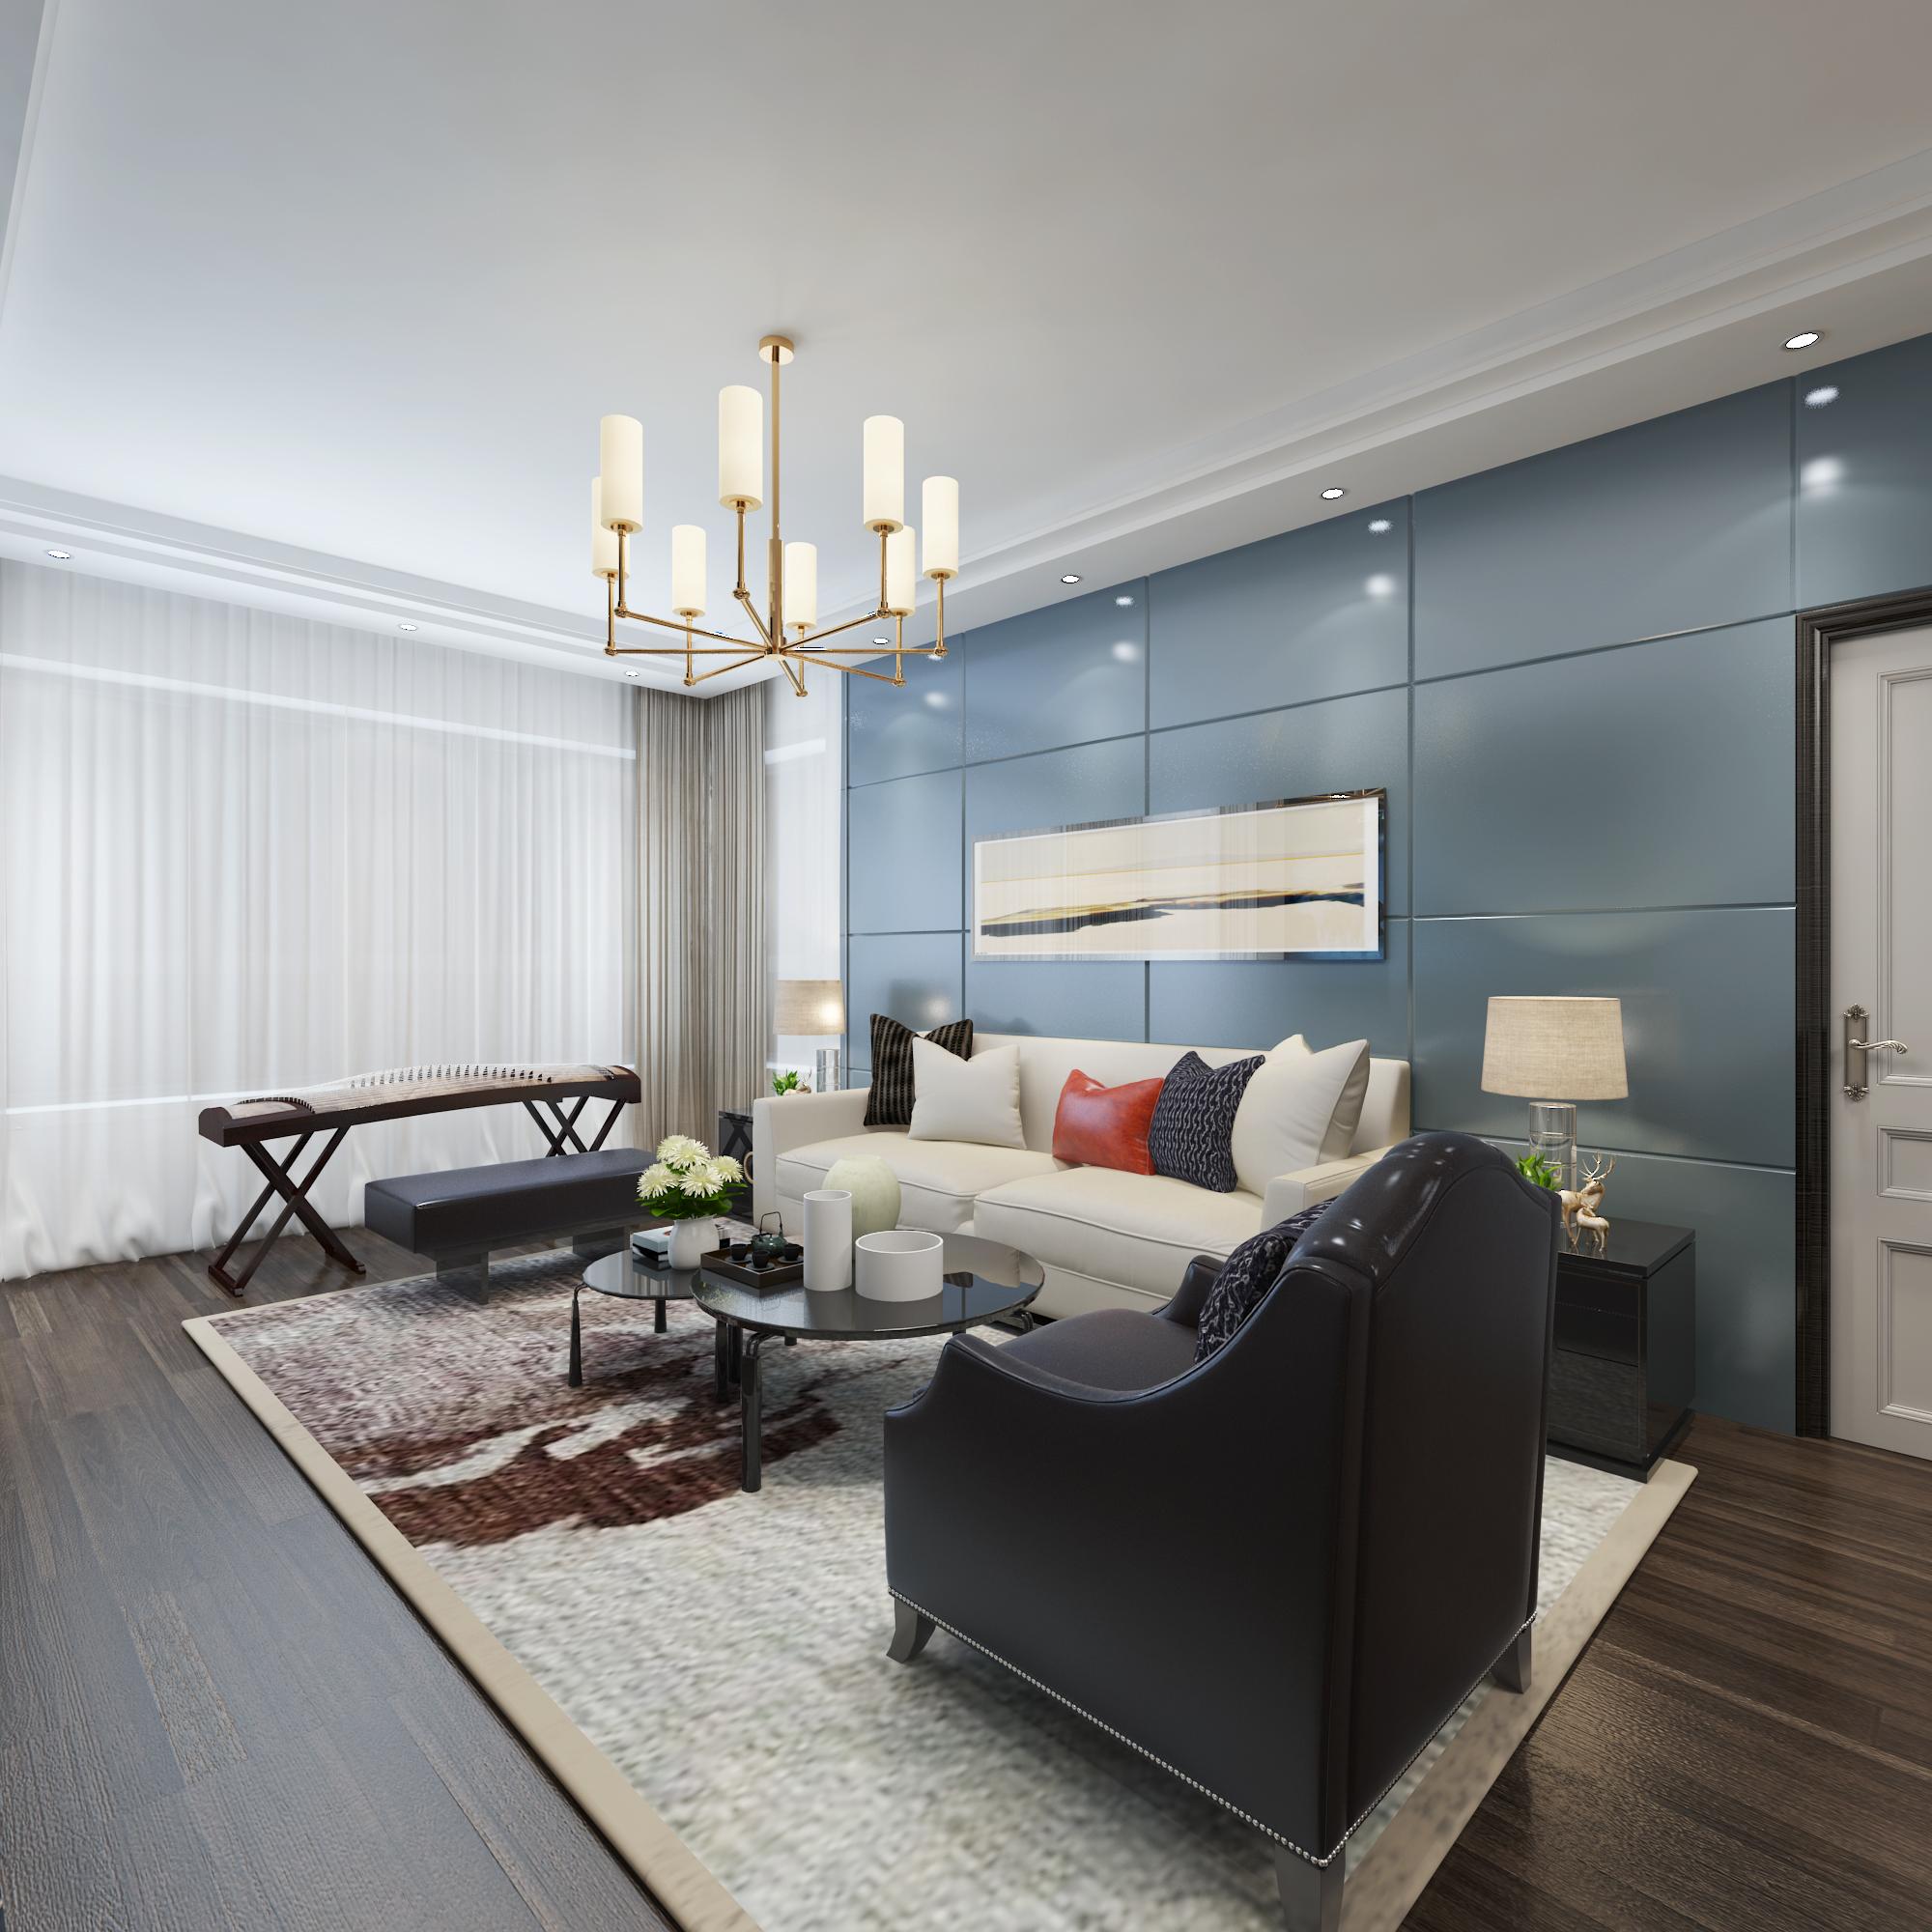 120㎡混搭风格沙发背景墙装修效果图